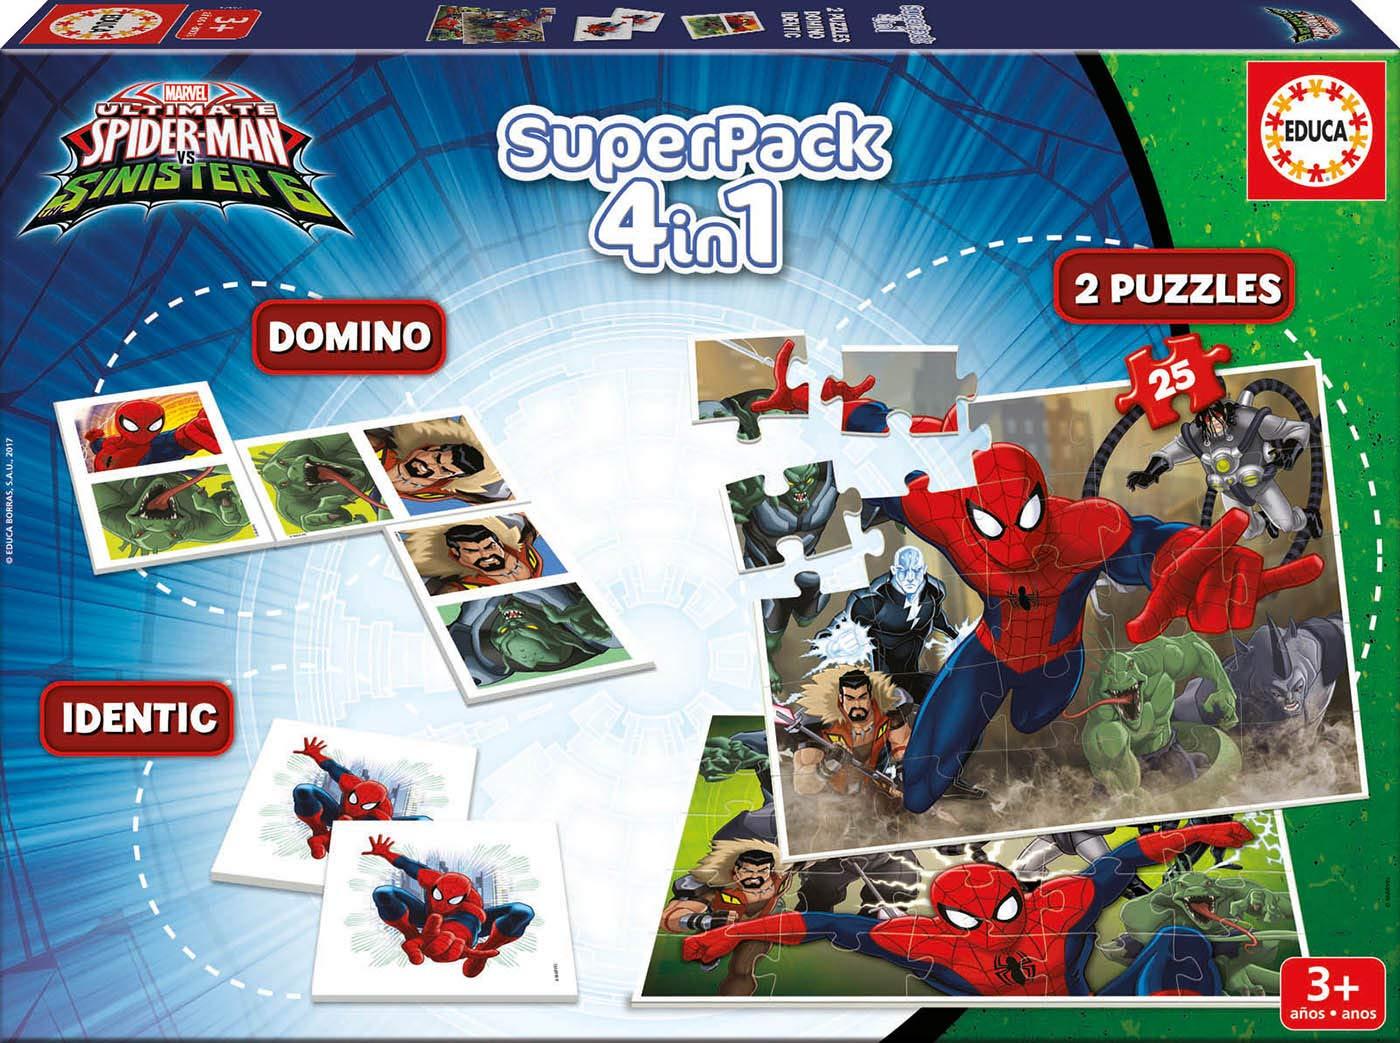 superhéroe Spiderman